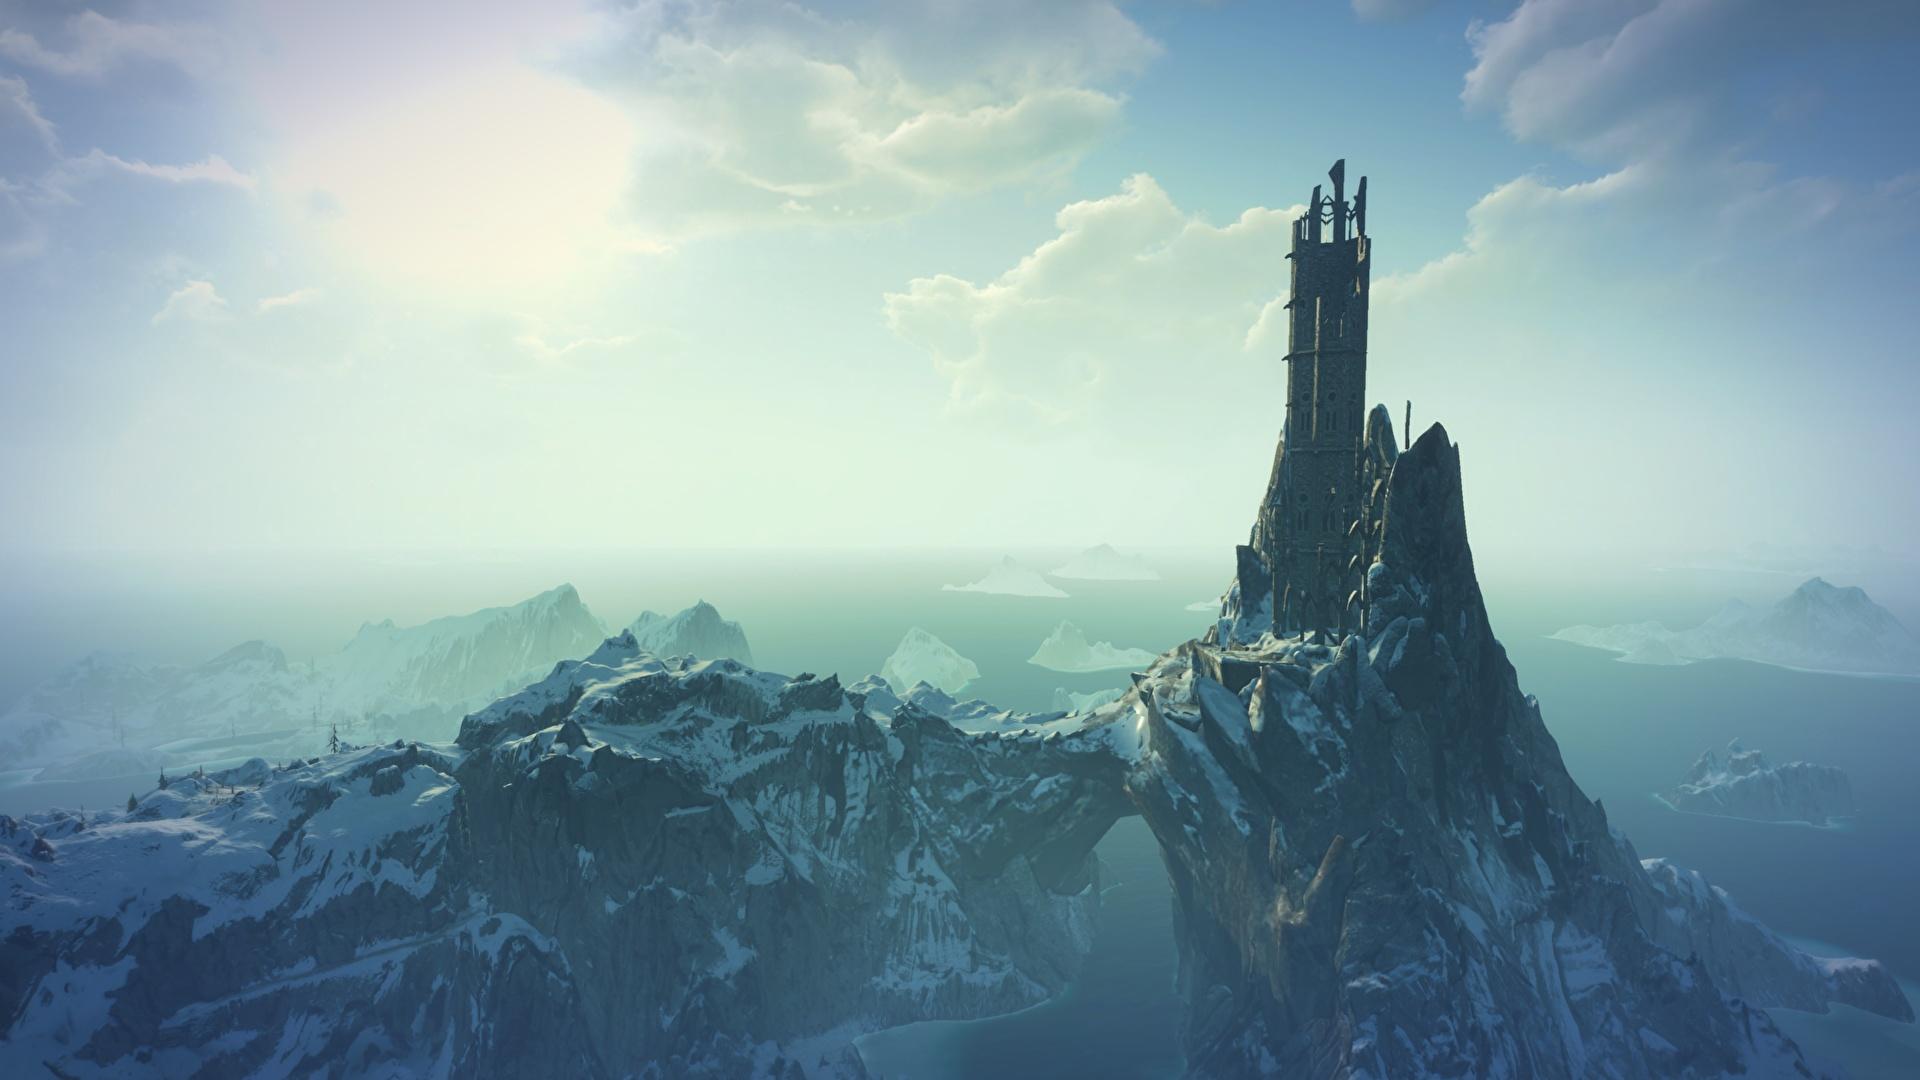 Desktop Hintergrundbilder The Witcher 3: Wild Hunt Spiele Ruinen 1920x1080 computerspiel